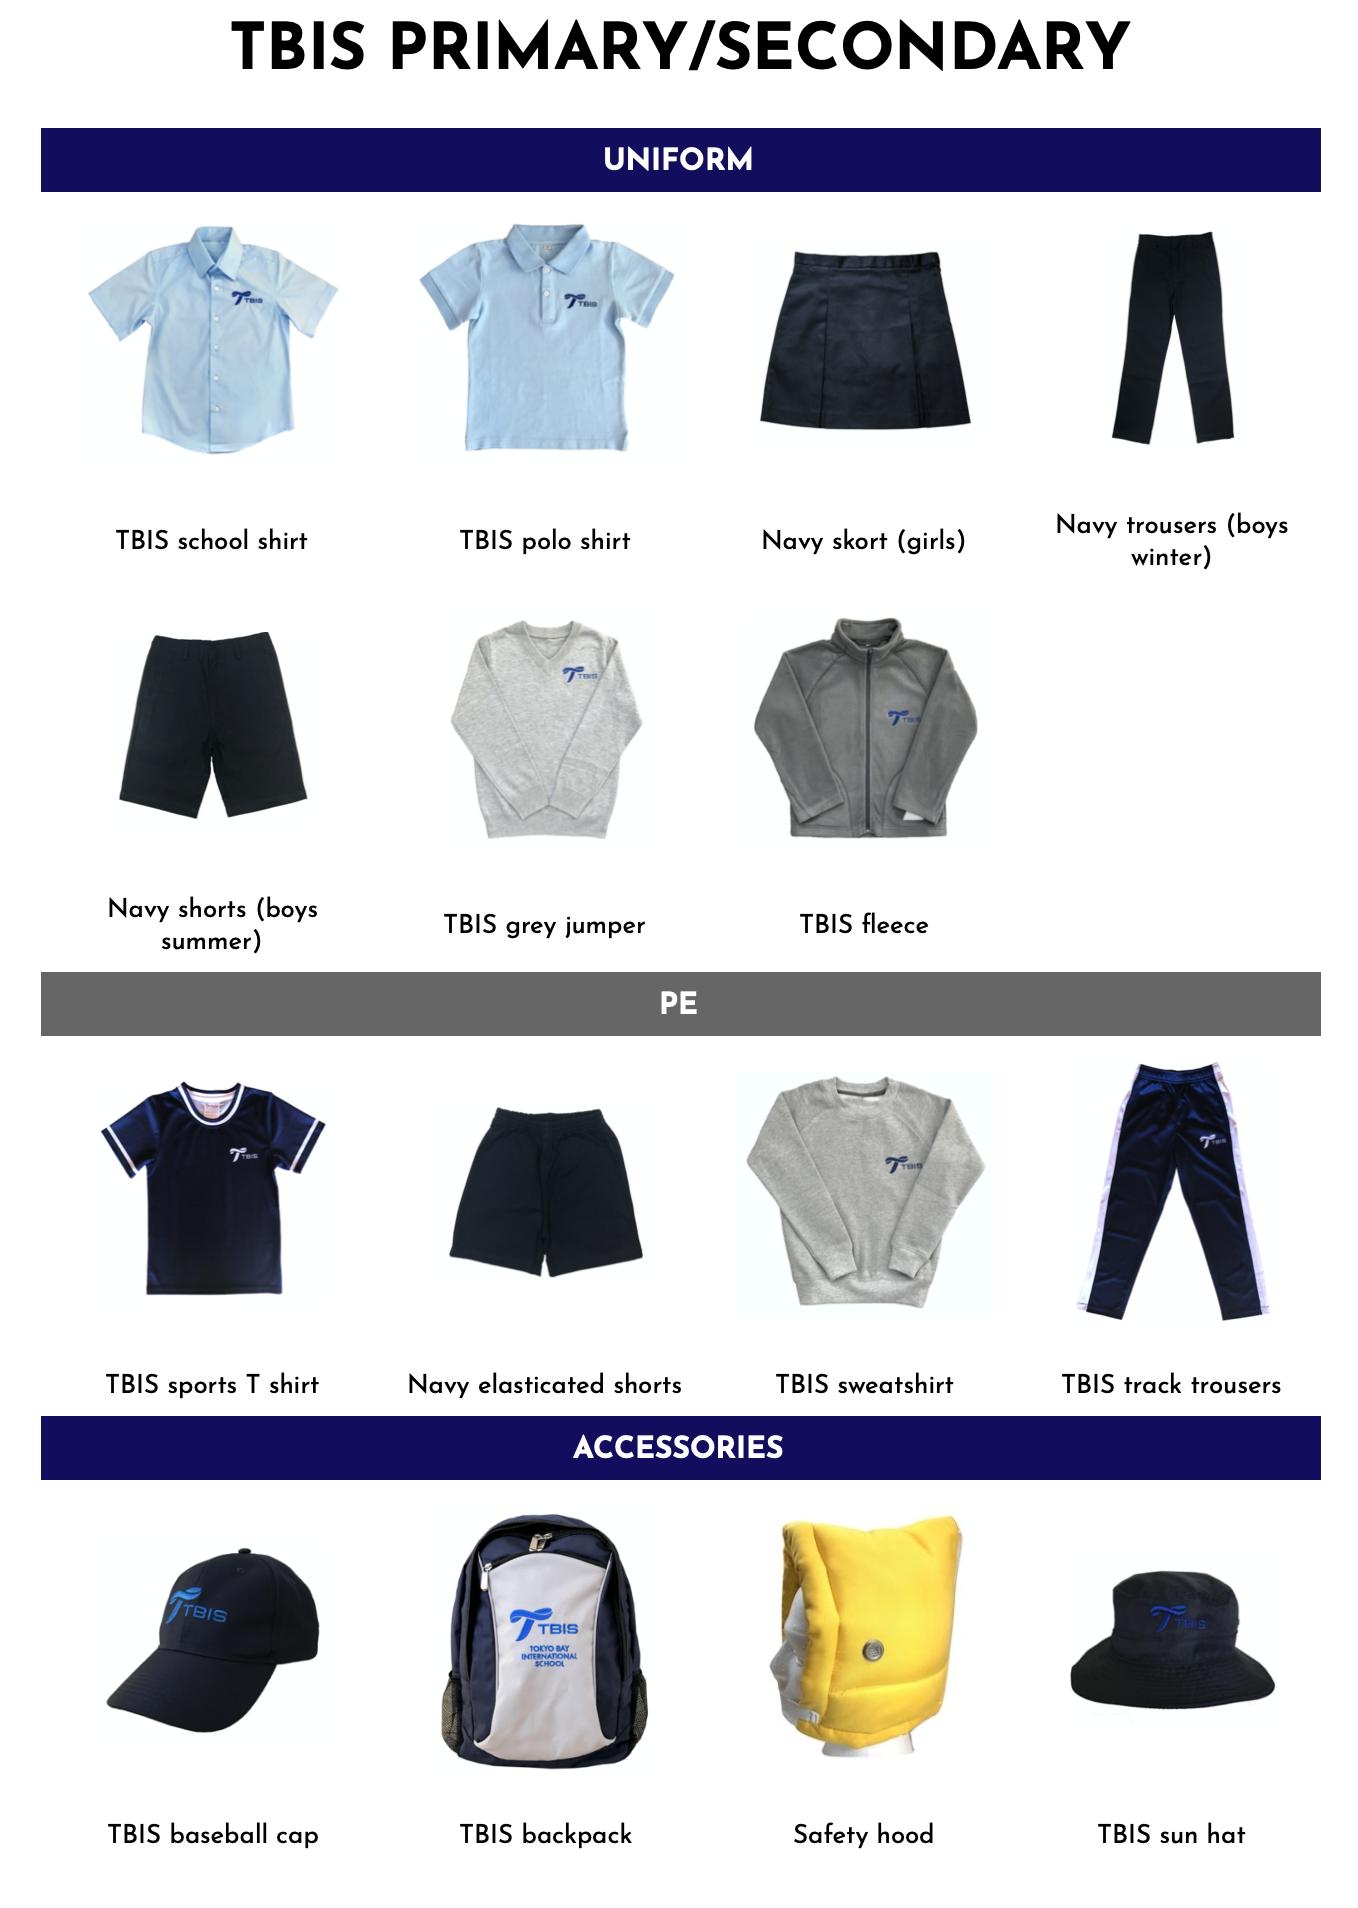 tbis-uniform-guide-2021-2.png